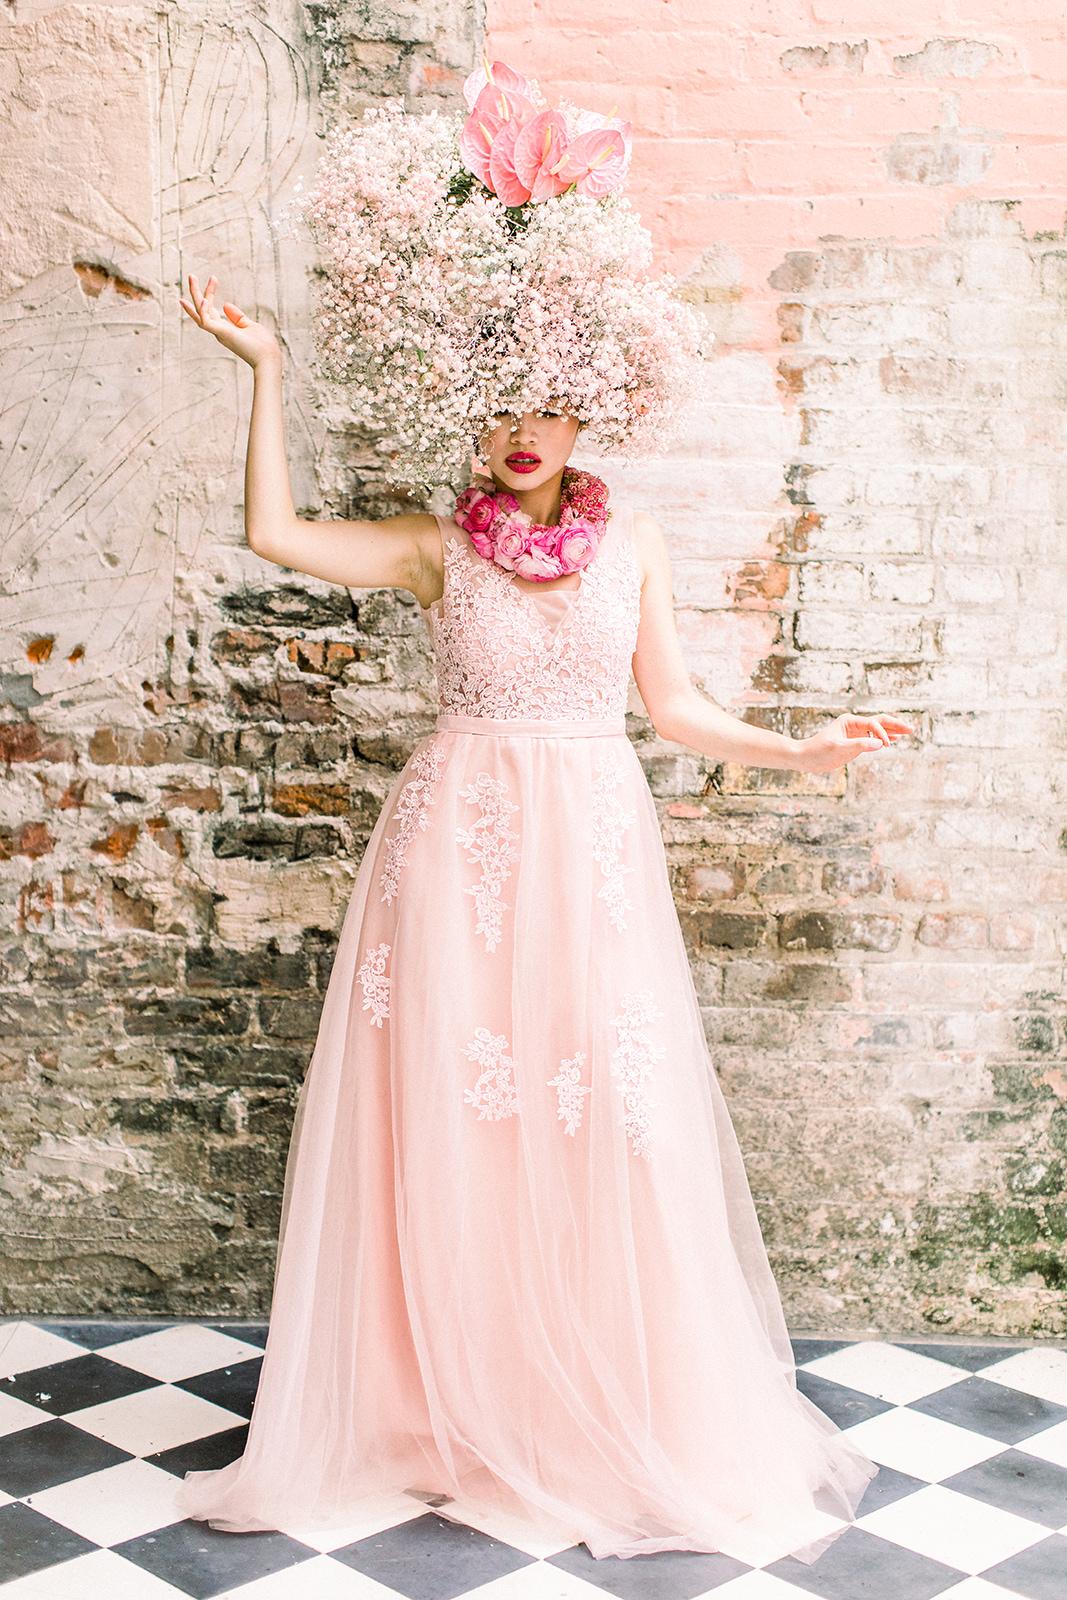 weddings in new orleans